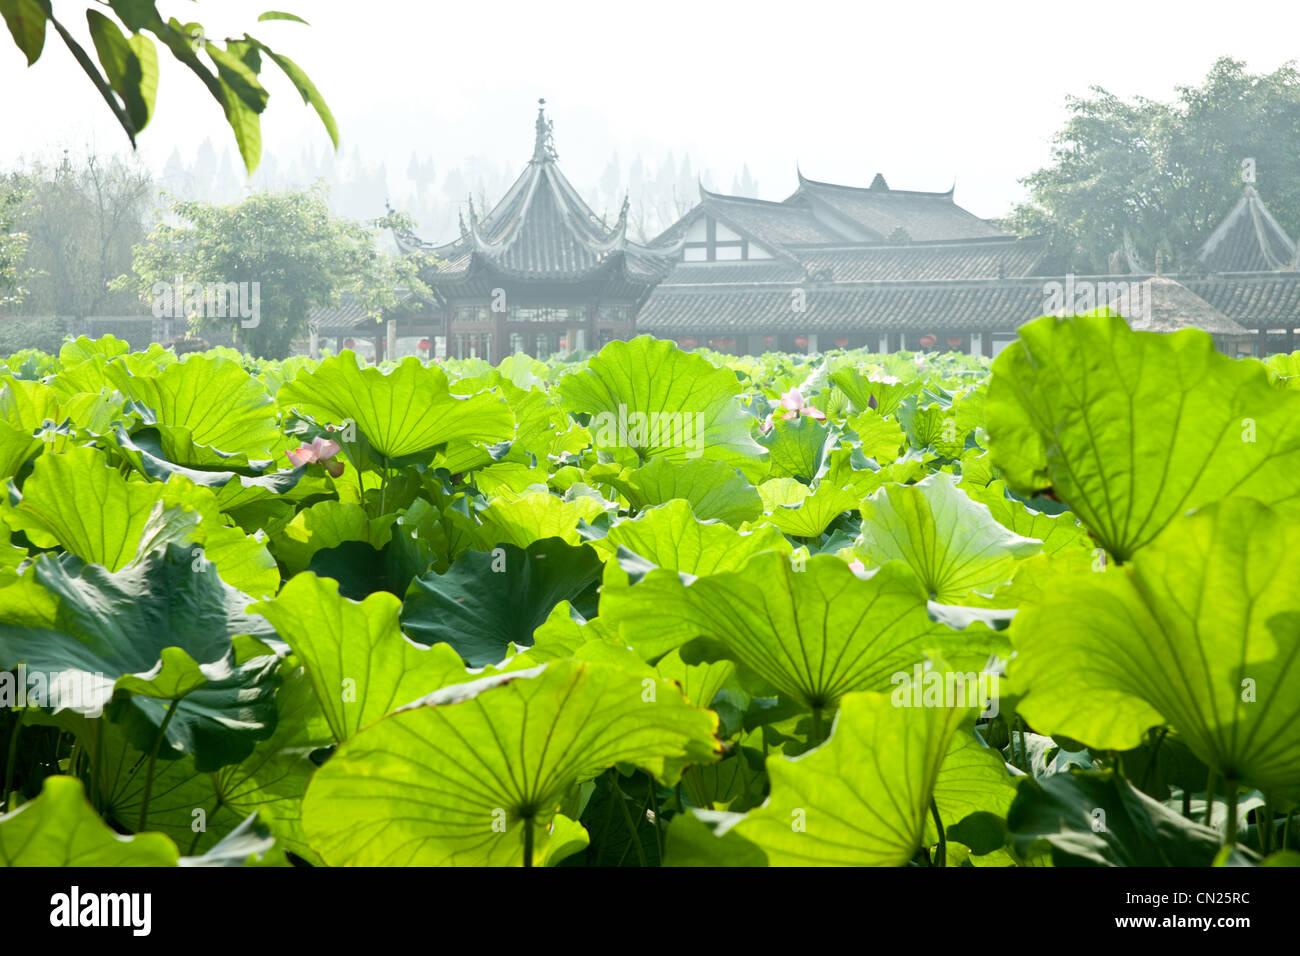 Foglie di Lotus con tradizionali edifici cinesi in background Immagini Stock